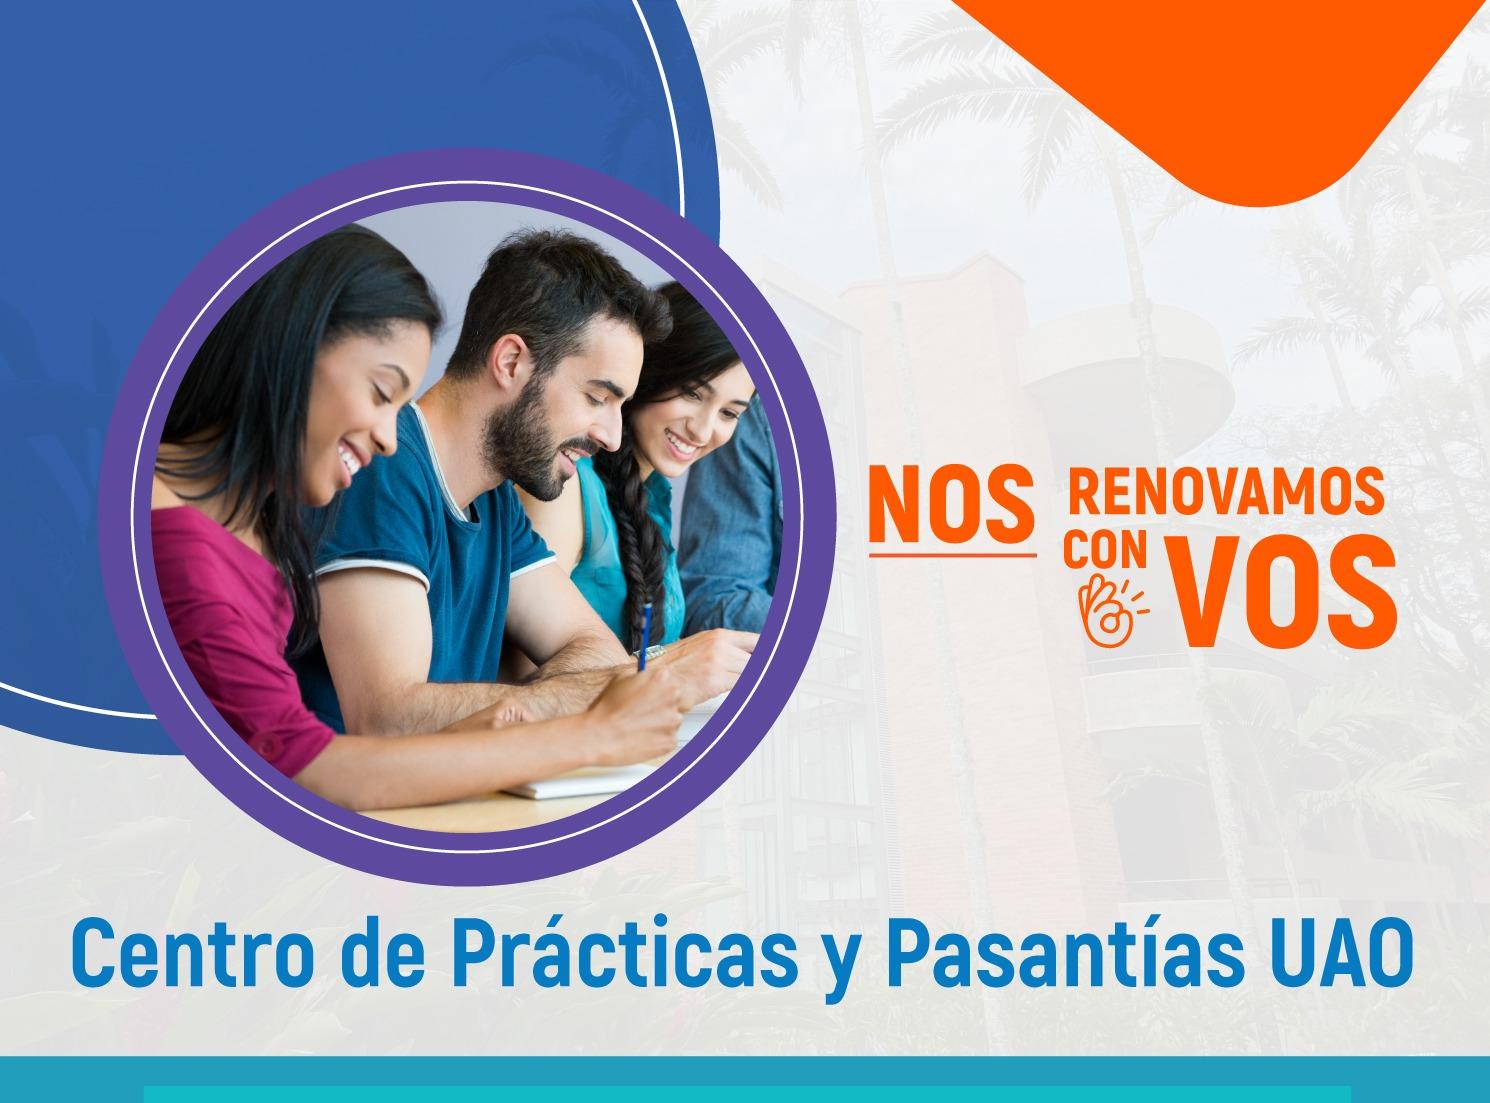 Centro de Prácticas y Pasantías de la UAO